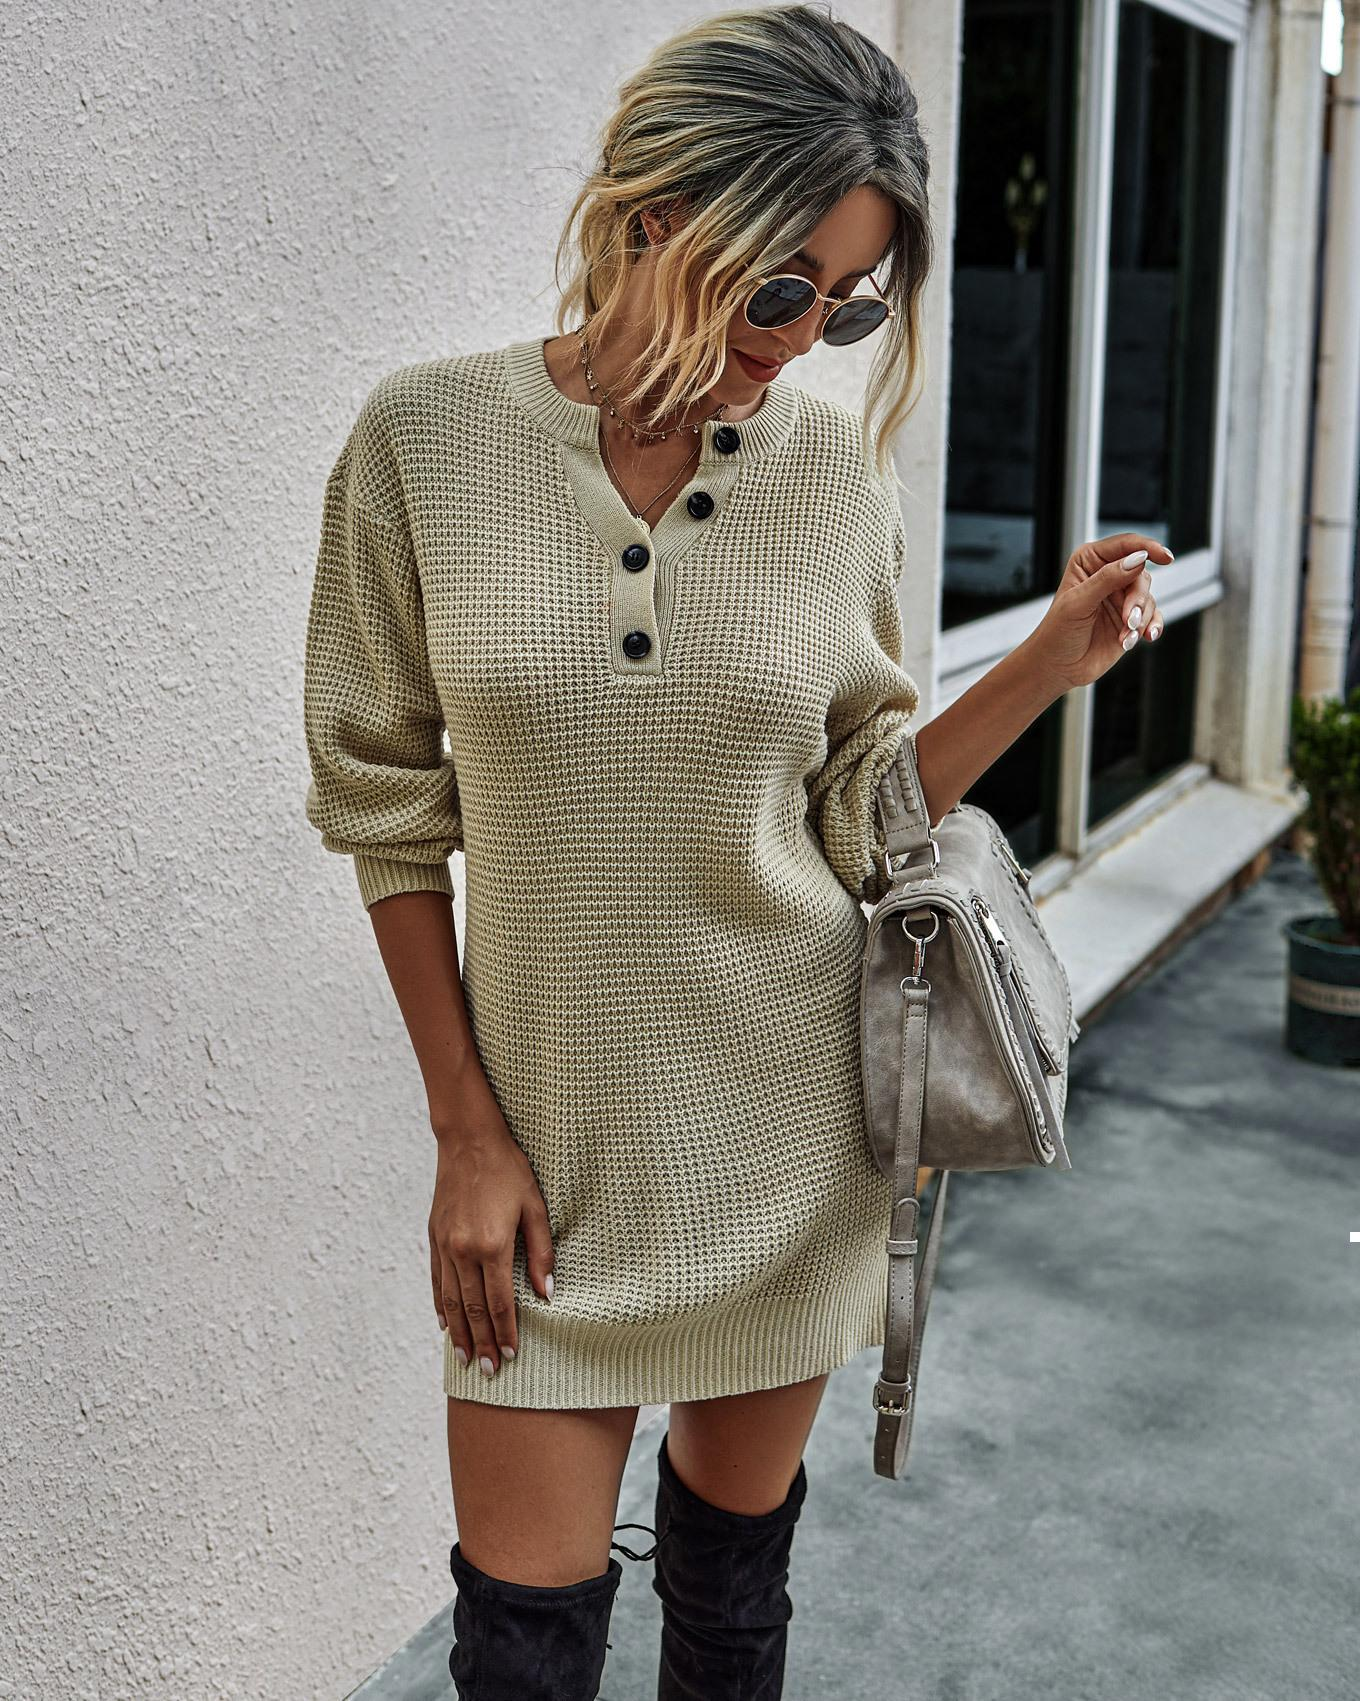 Autun 2021 novo vestido de inverno feminino sexy em malha ou vintage simples desgaste as roupas femininas tbw0 9an6